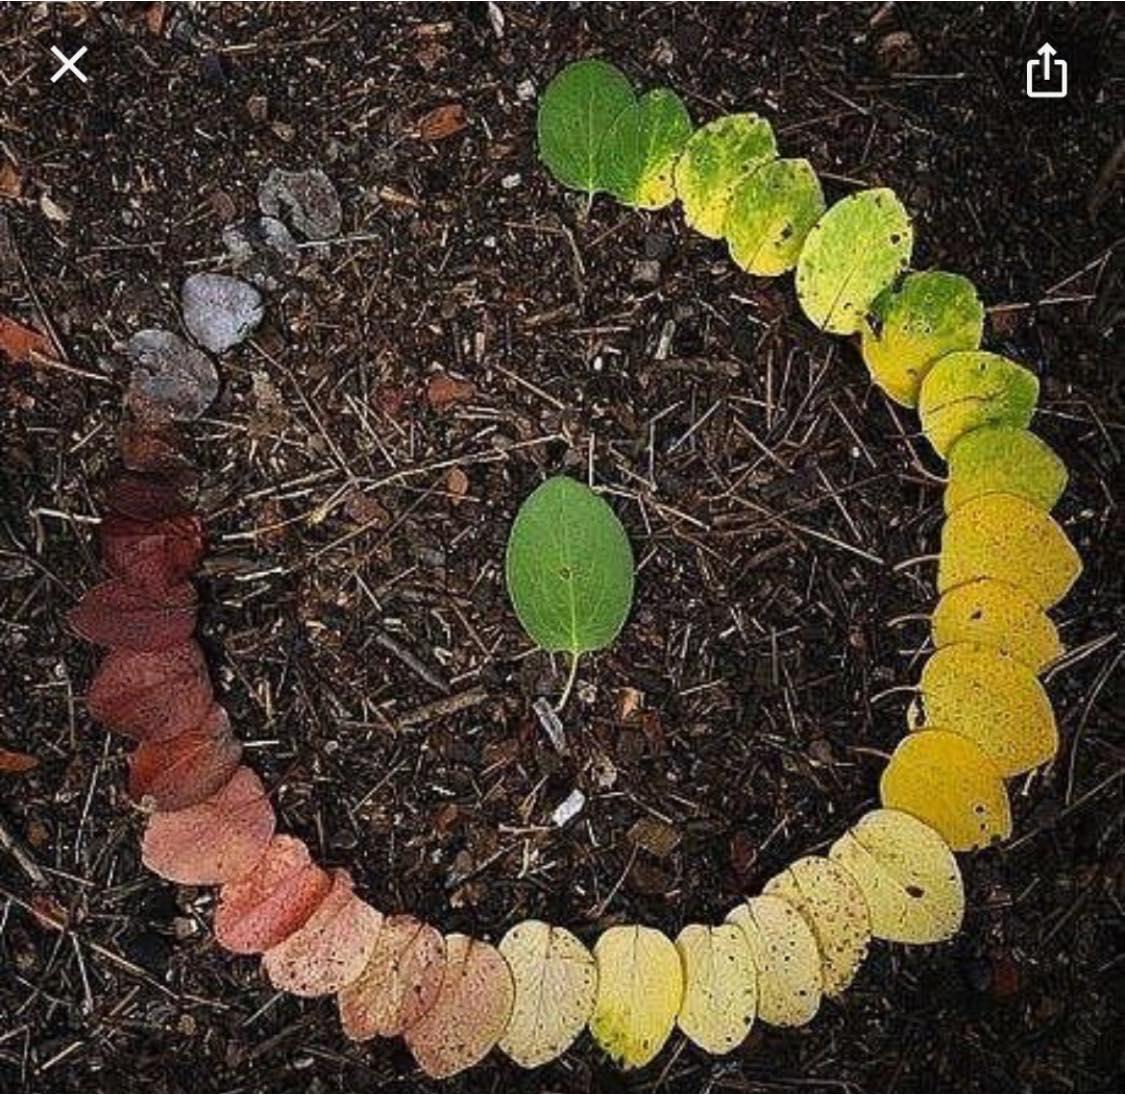 Seasons and cycles